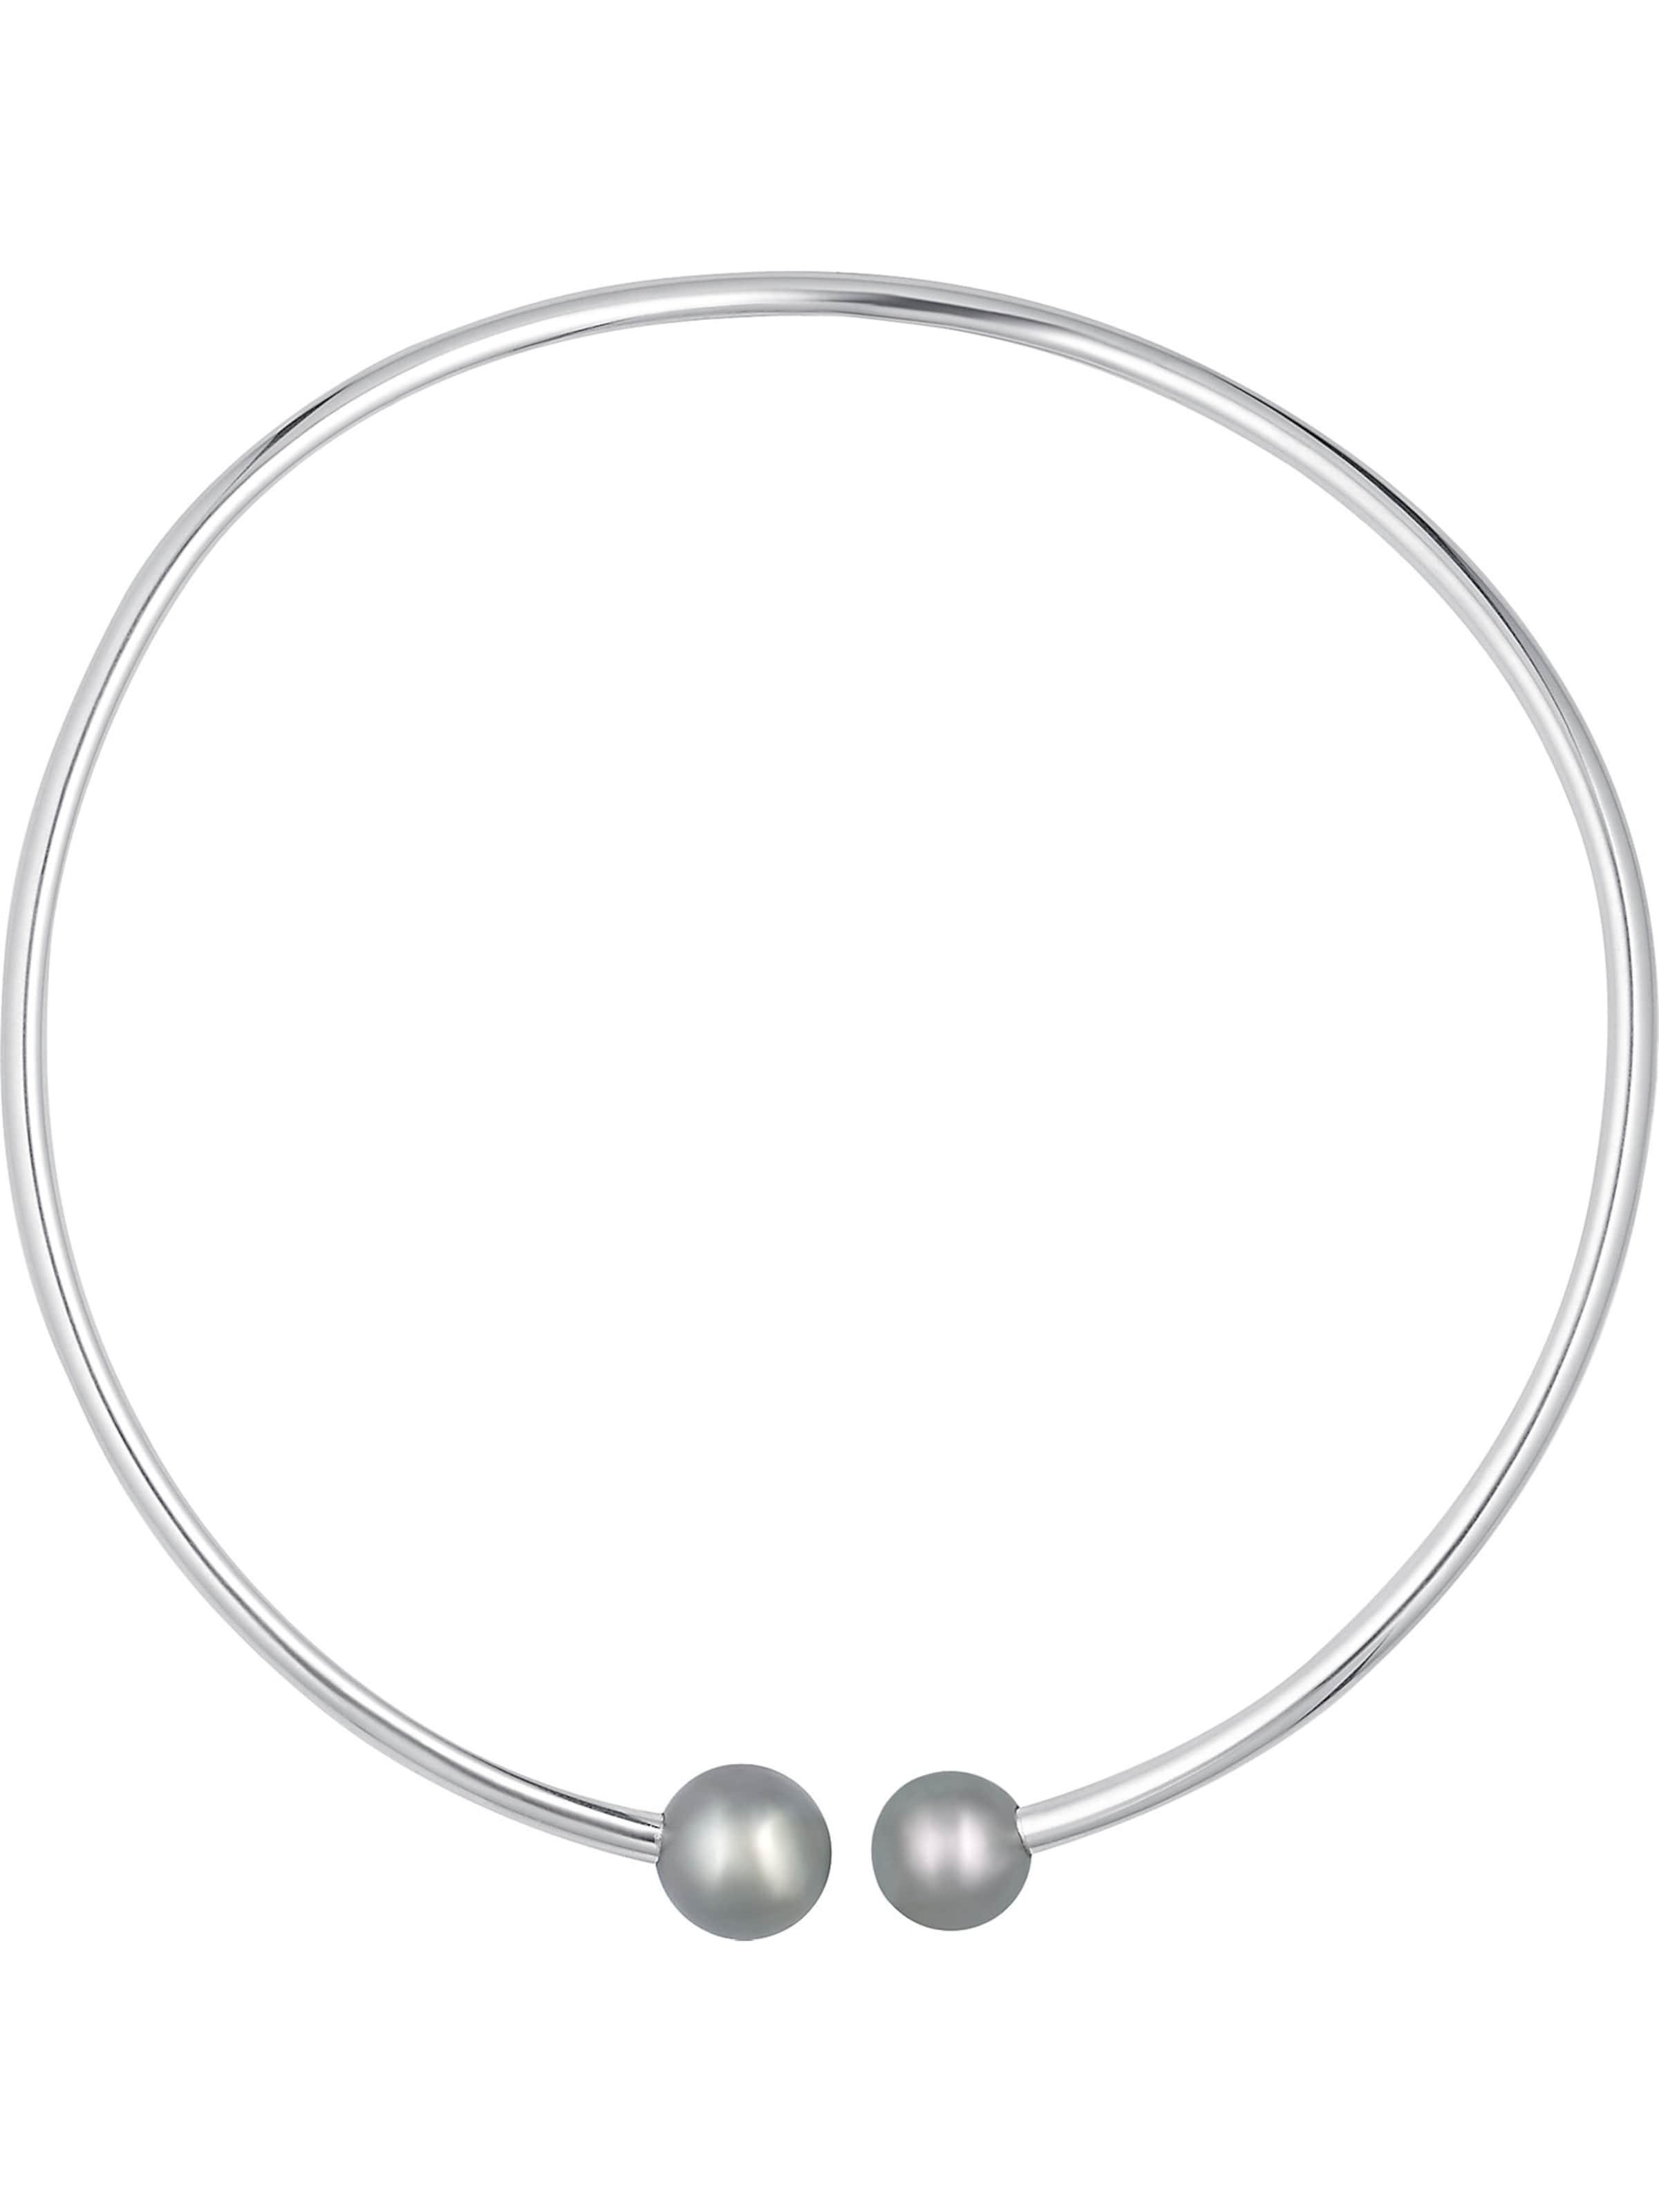 In Christ Kette Kette 'pearls' Silbergrau Christ D9IHY2WeE